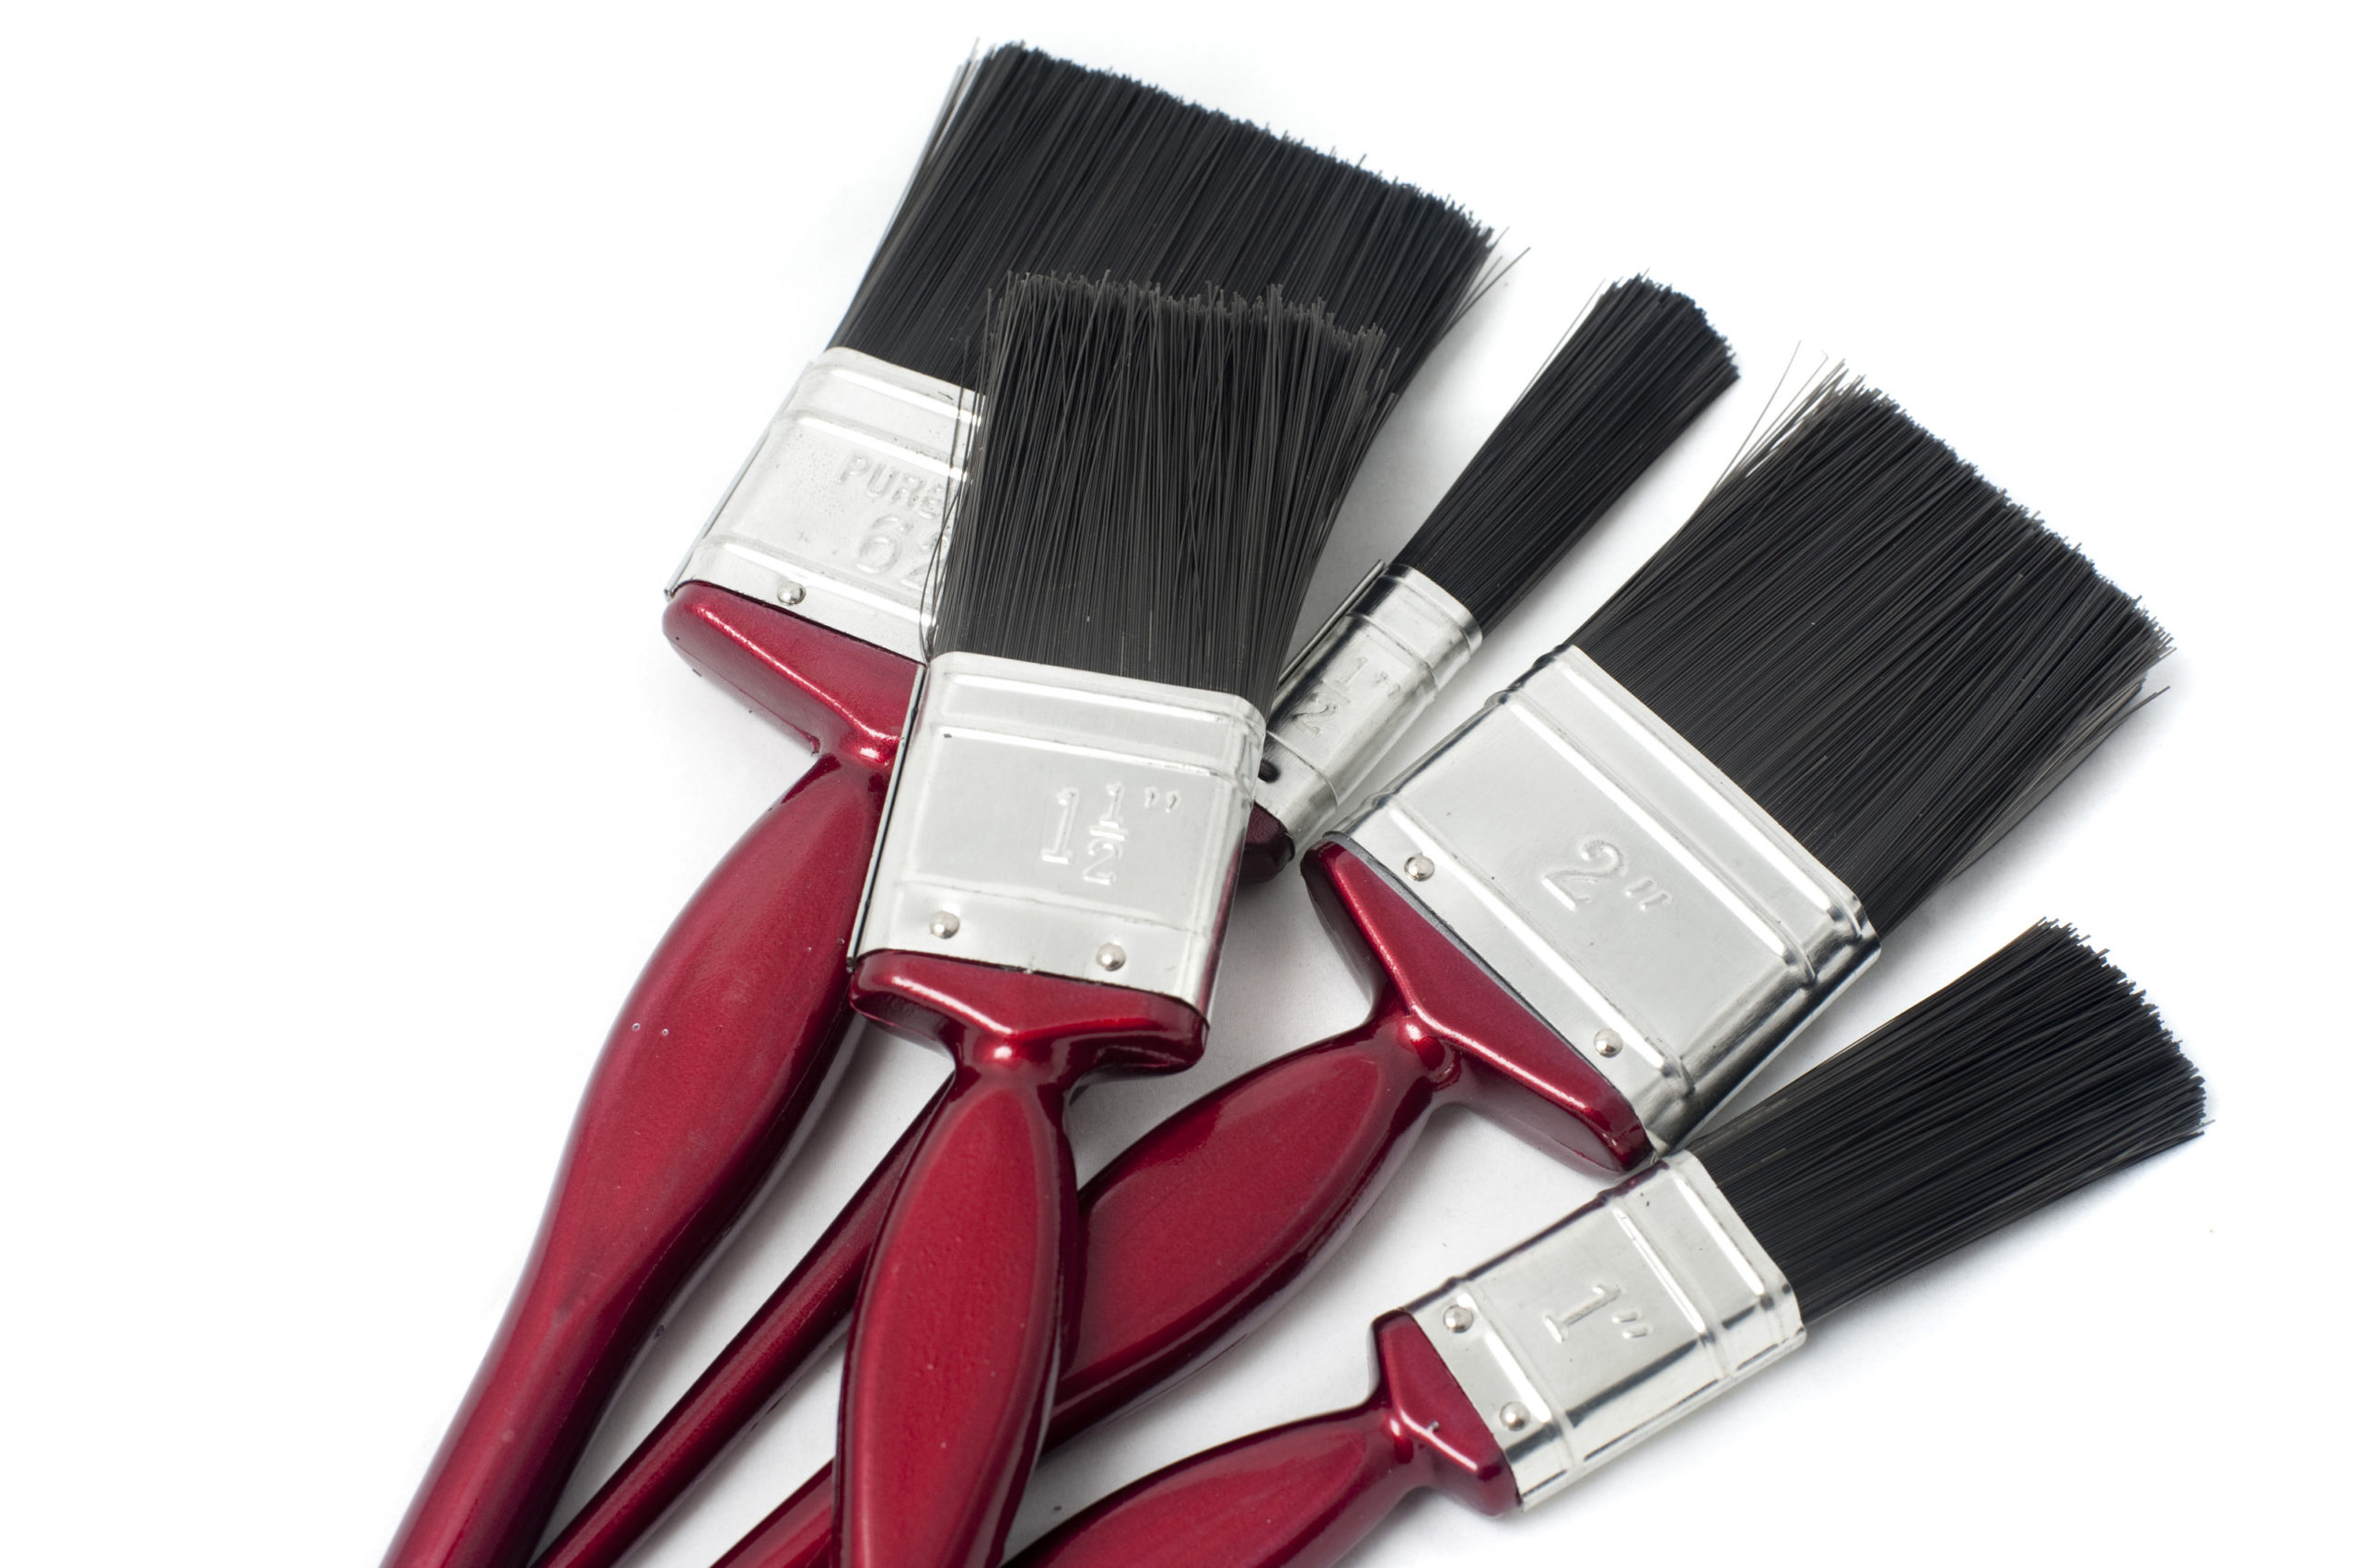 brushes scaled